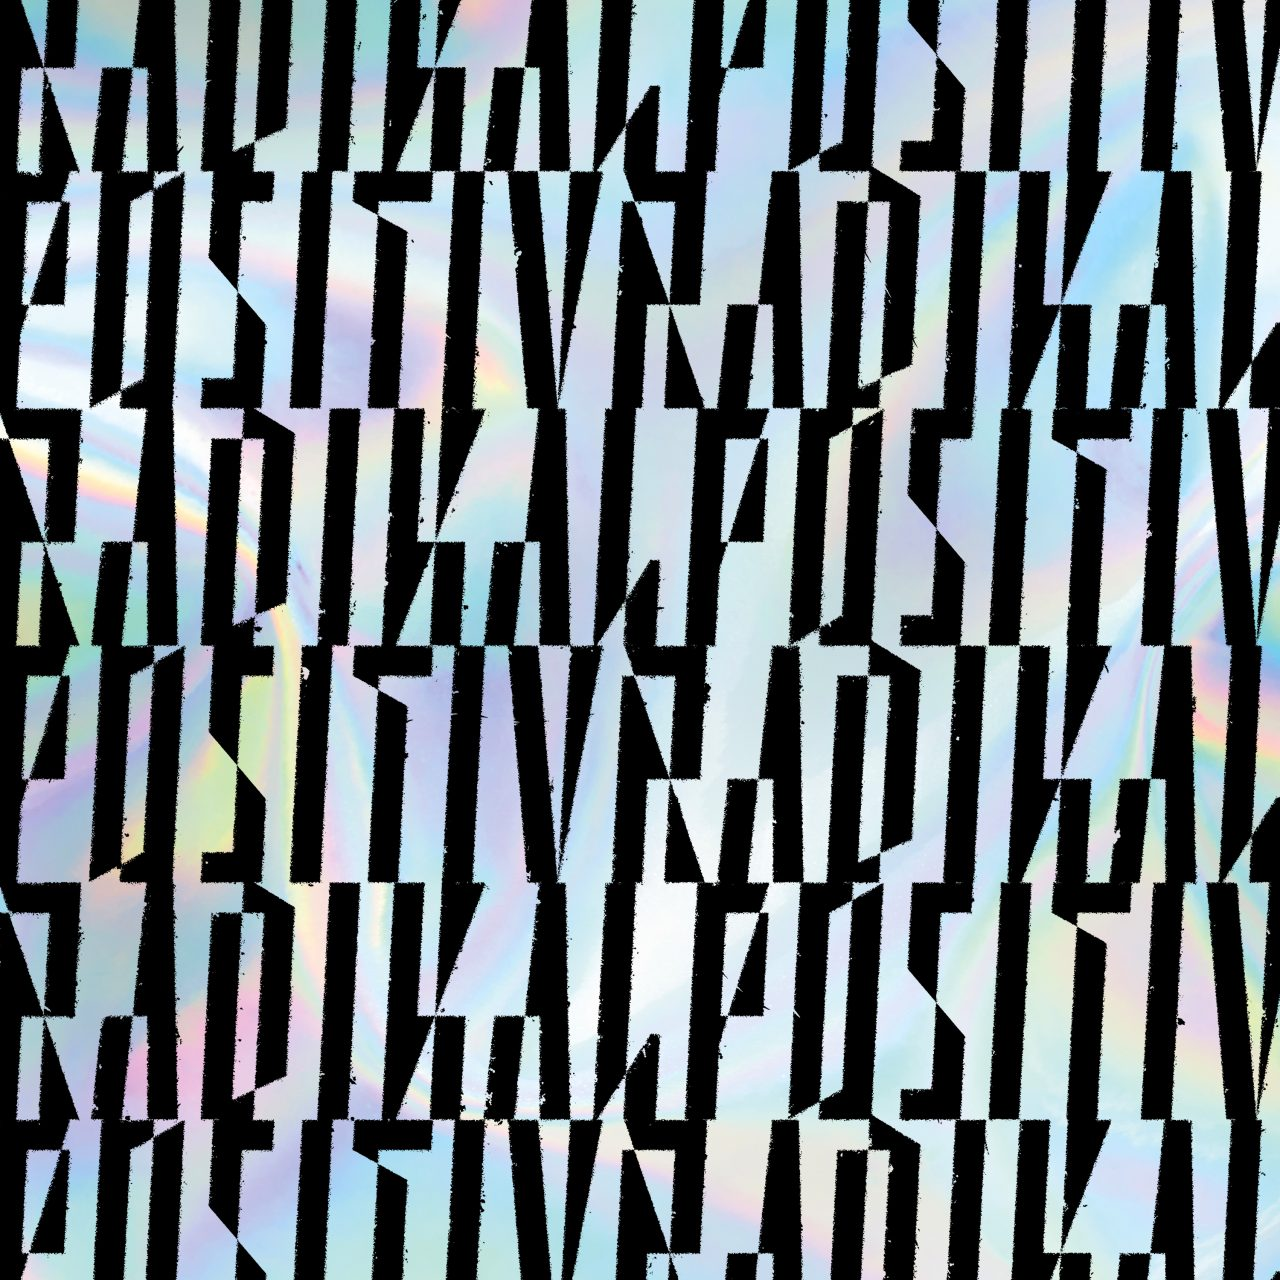 """Das Albumcover """"Radikal Positiv"""" von Querbeat besteht aus vielen schwarzen Buchstaben auf verblassten Regenbogenfarben."""